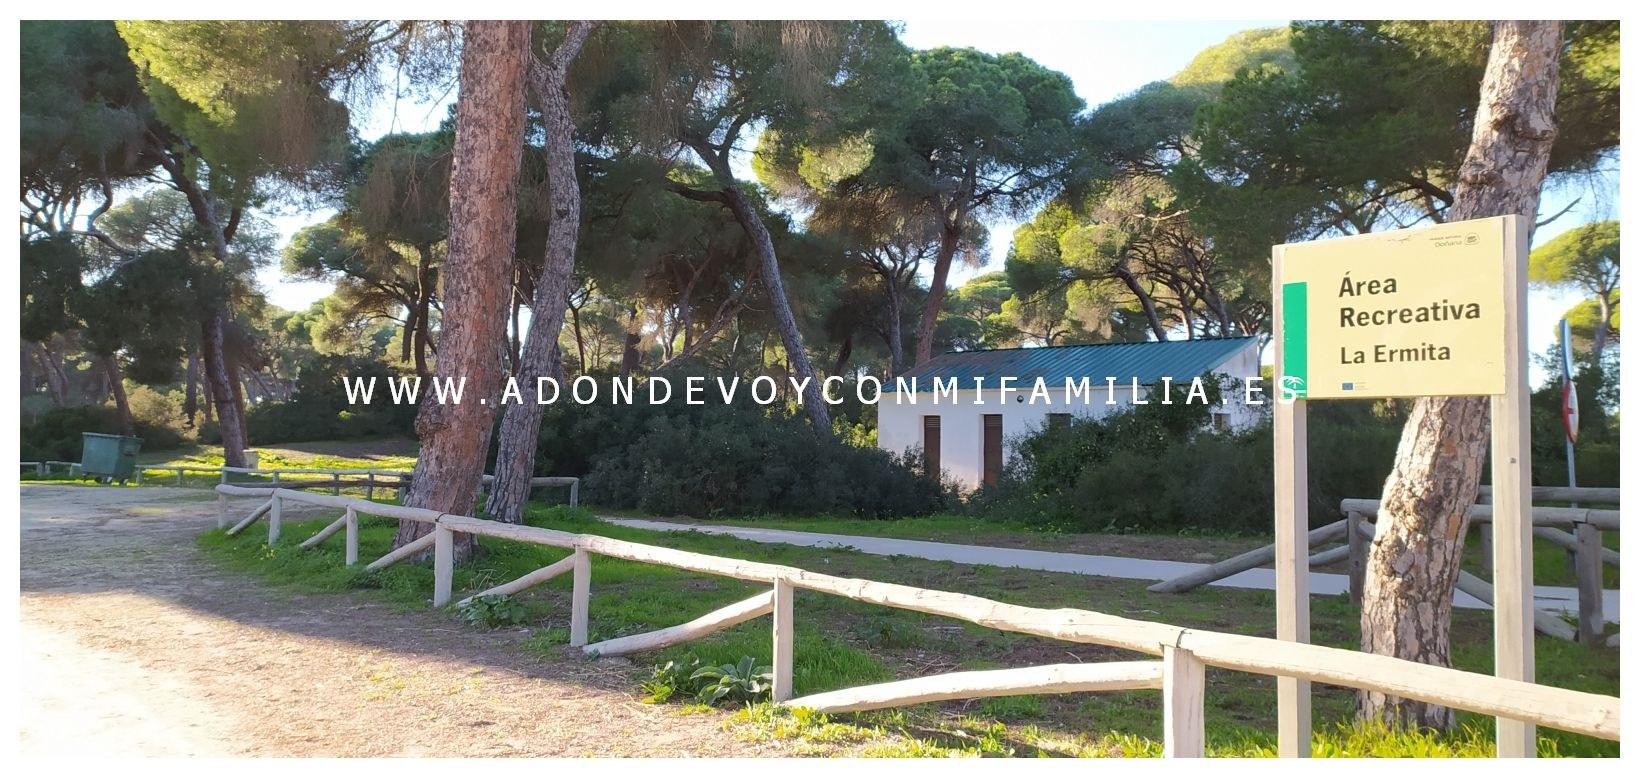 area-recreativa-la-ermita-adondevoyconmifamilia-04